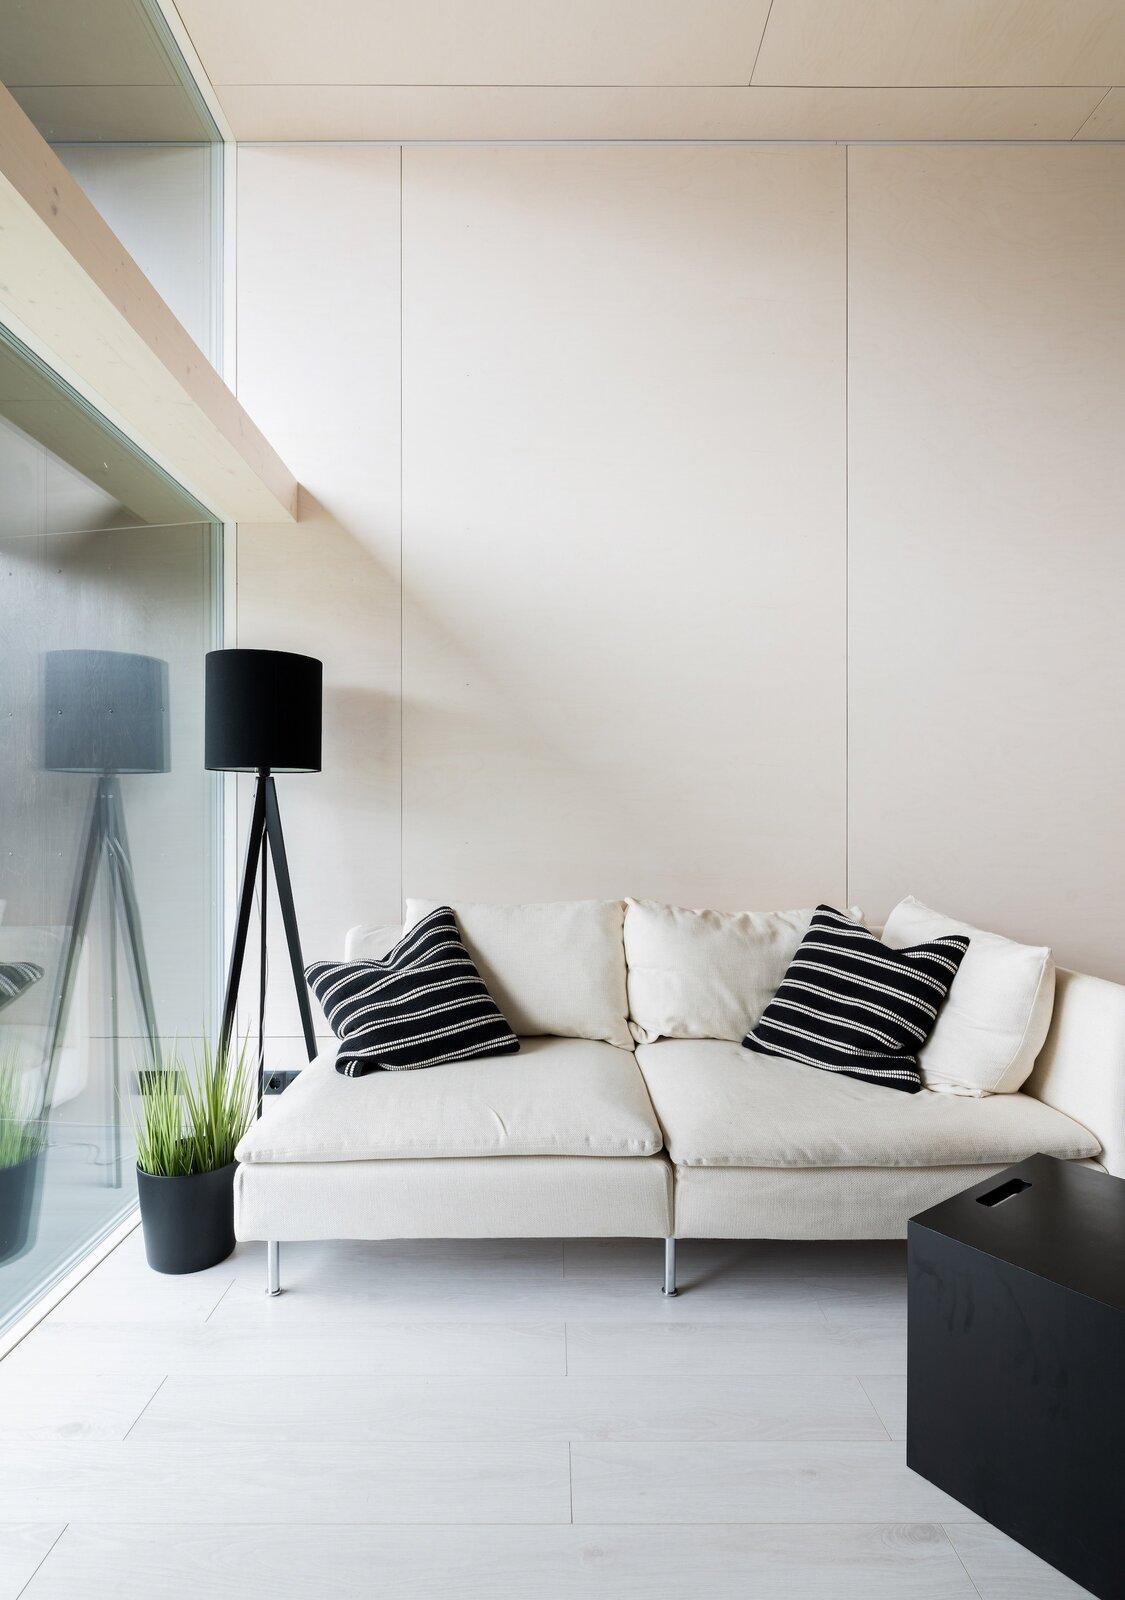 Koda prefab tiny house interior